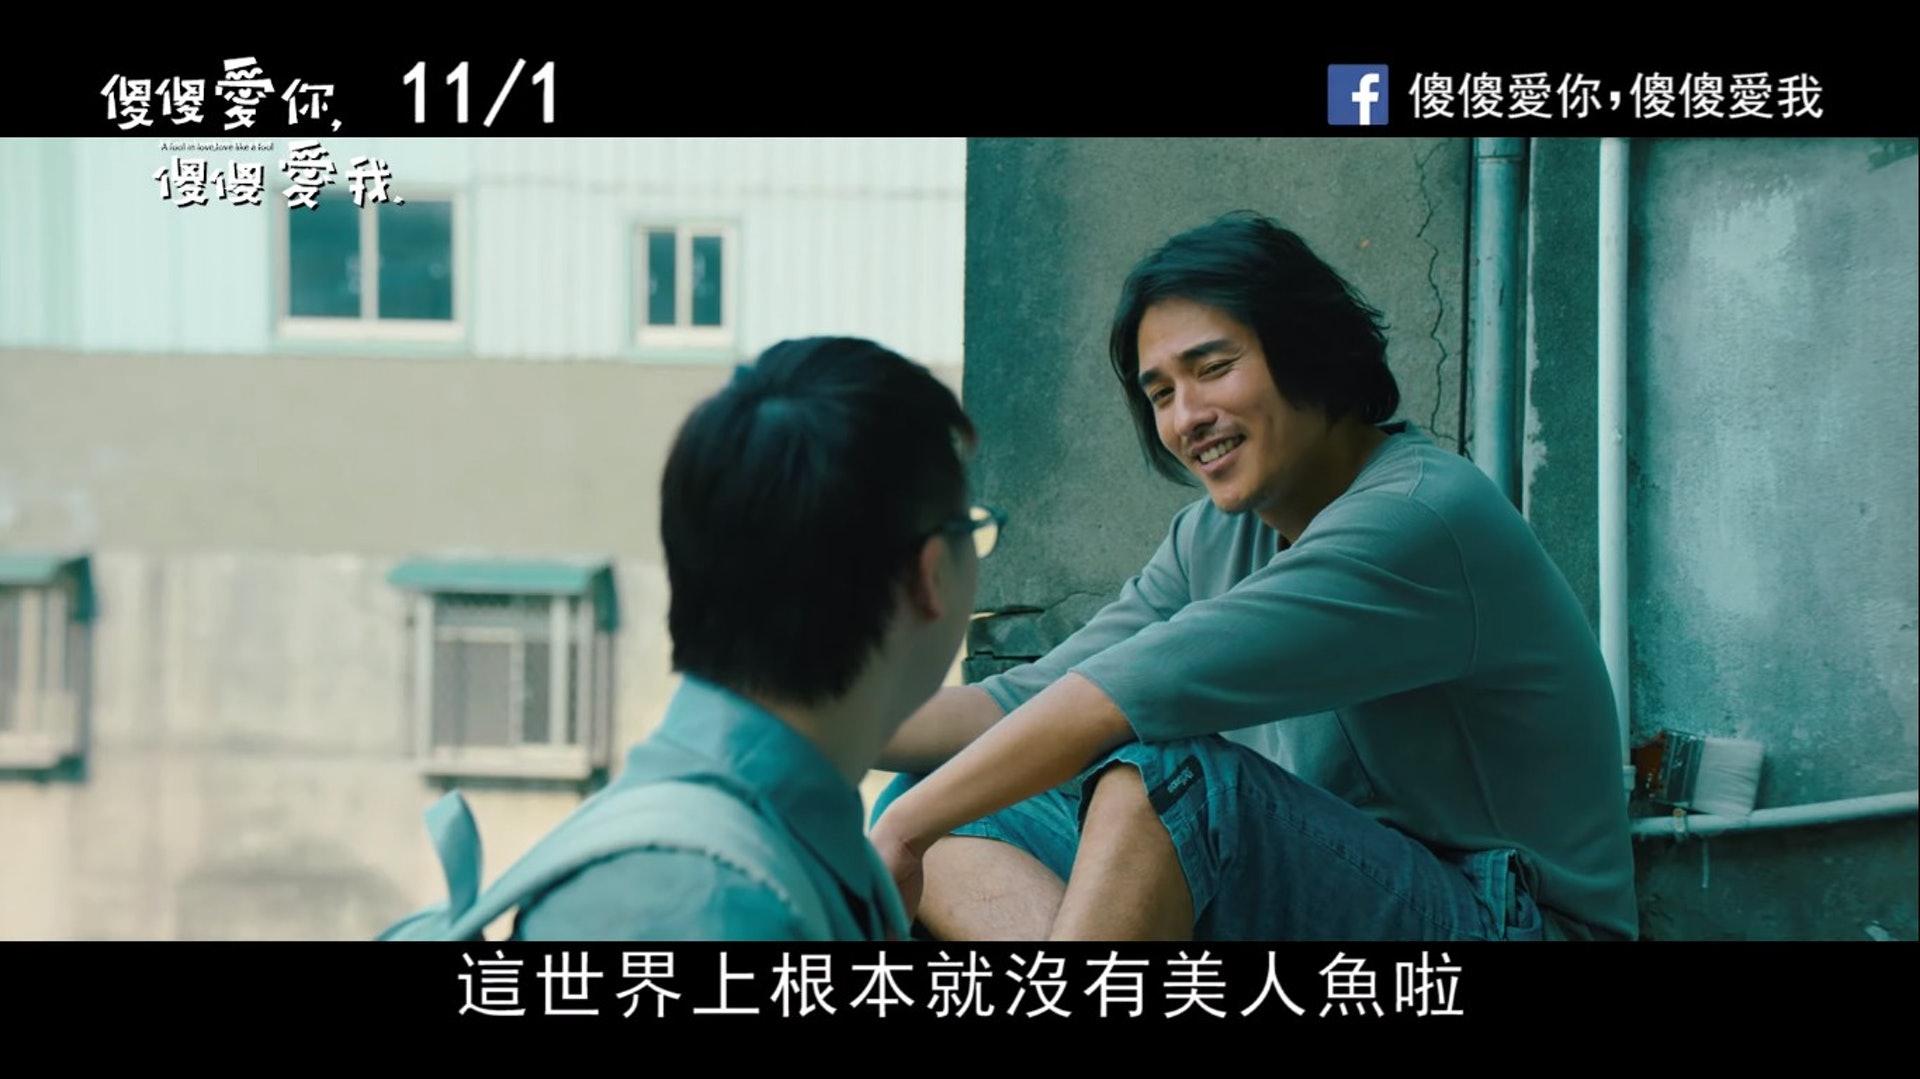 電影也有正常人與智障人士的友誼。(電影《傻傻愛你,傻傻愛我》預告)